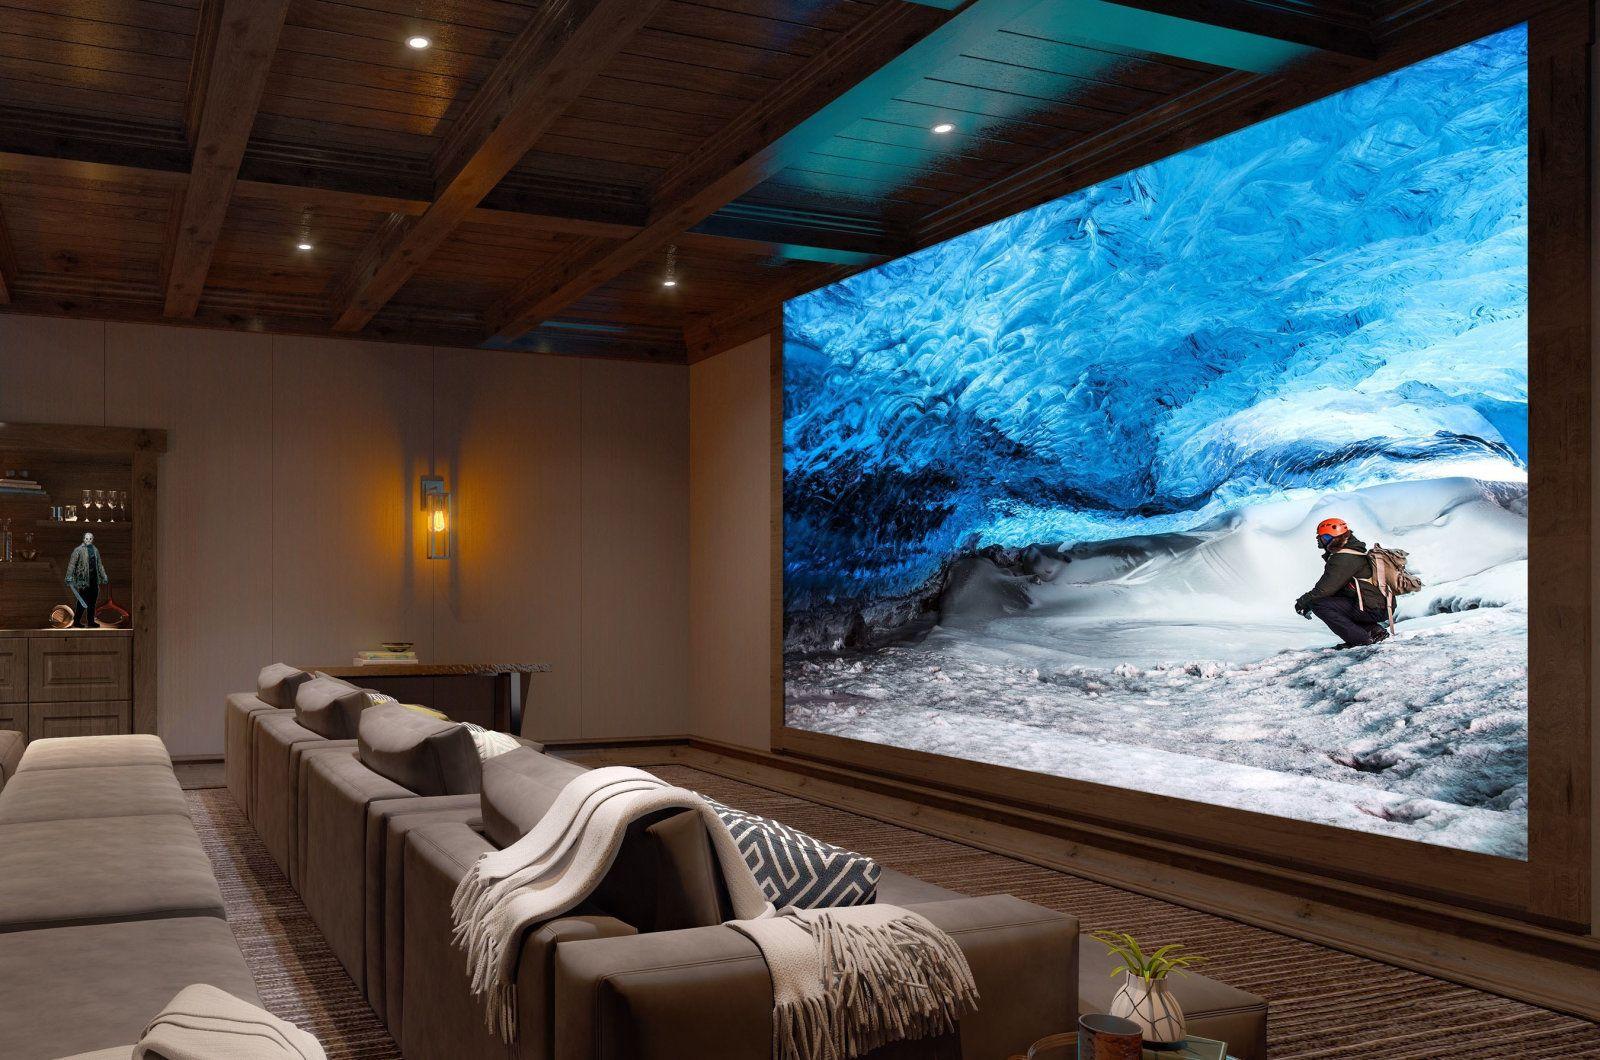 Sony predstavuje takmer 20 metrový televízor s 16K rozlíšením. Gigantická obrazovka stojí 5 miliónov